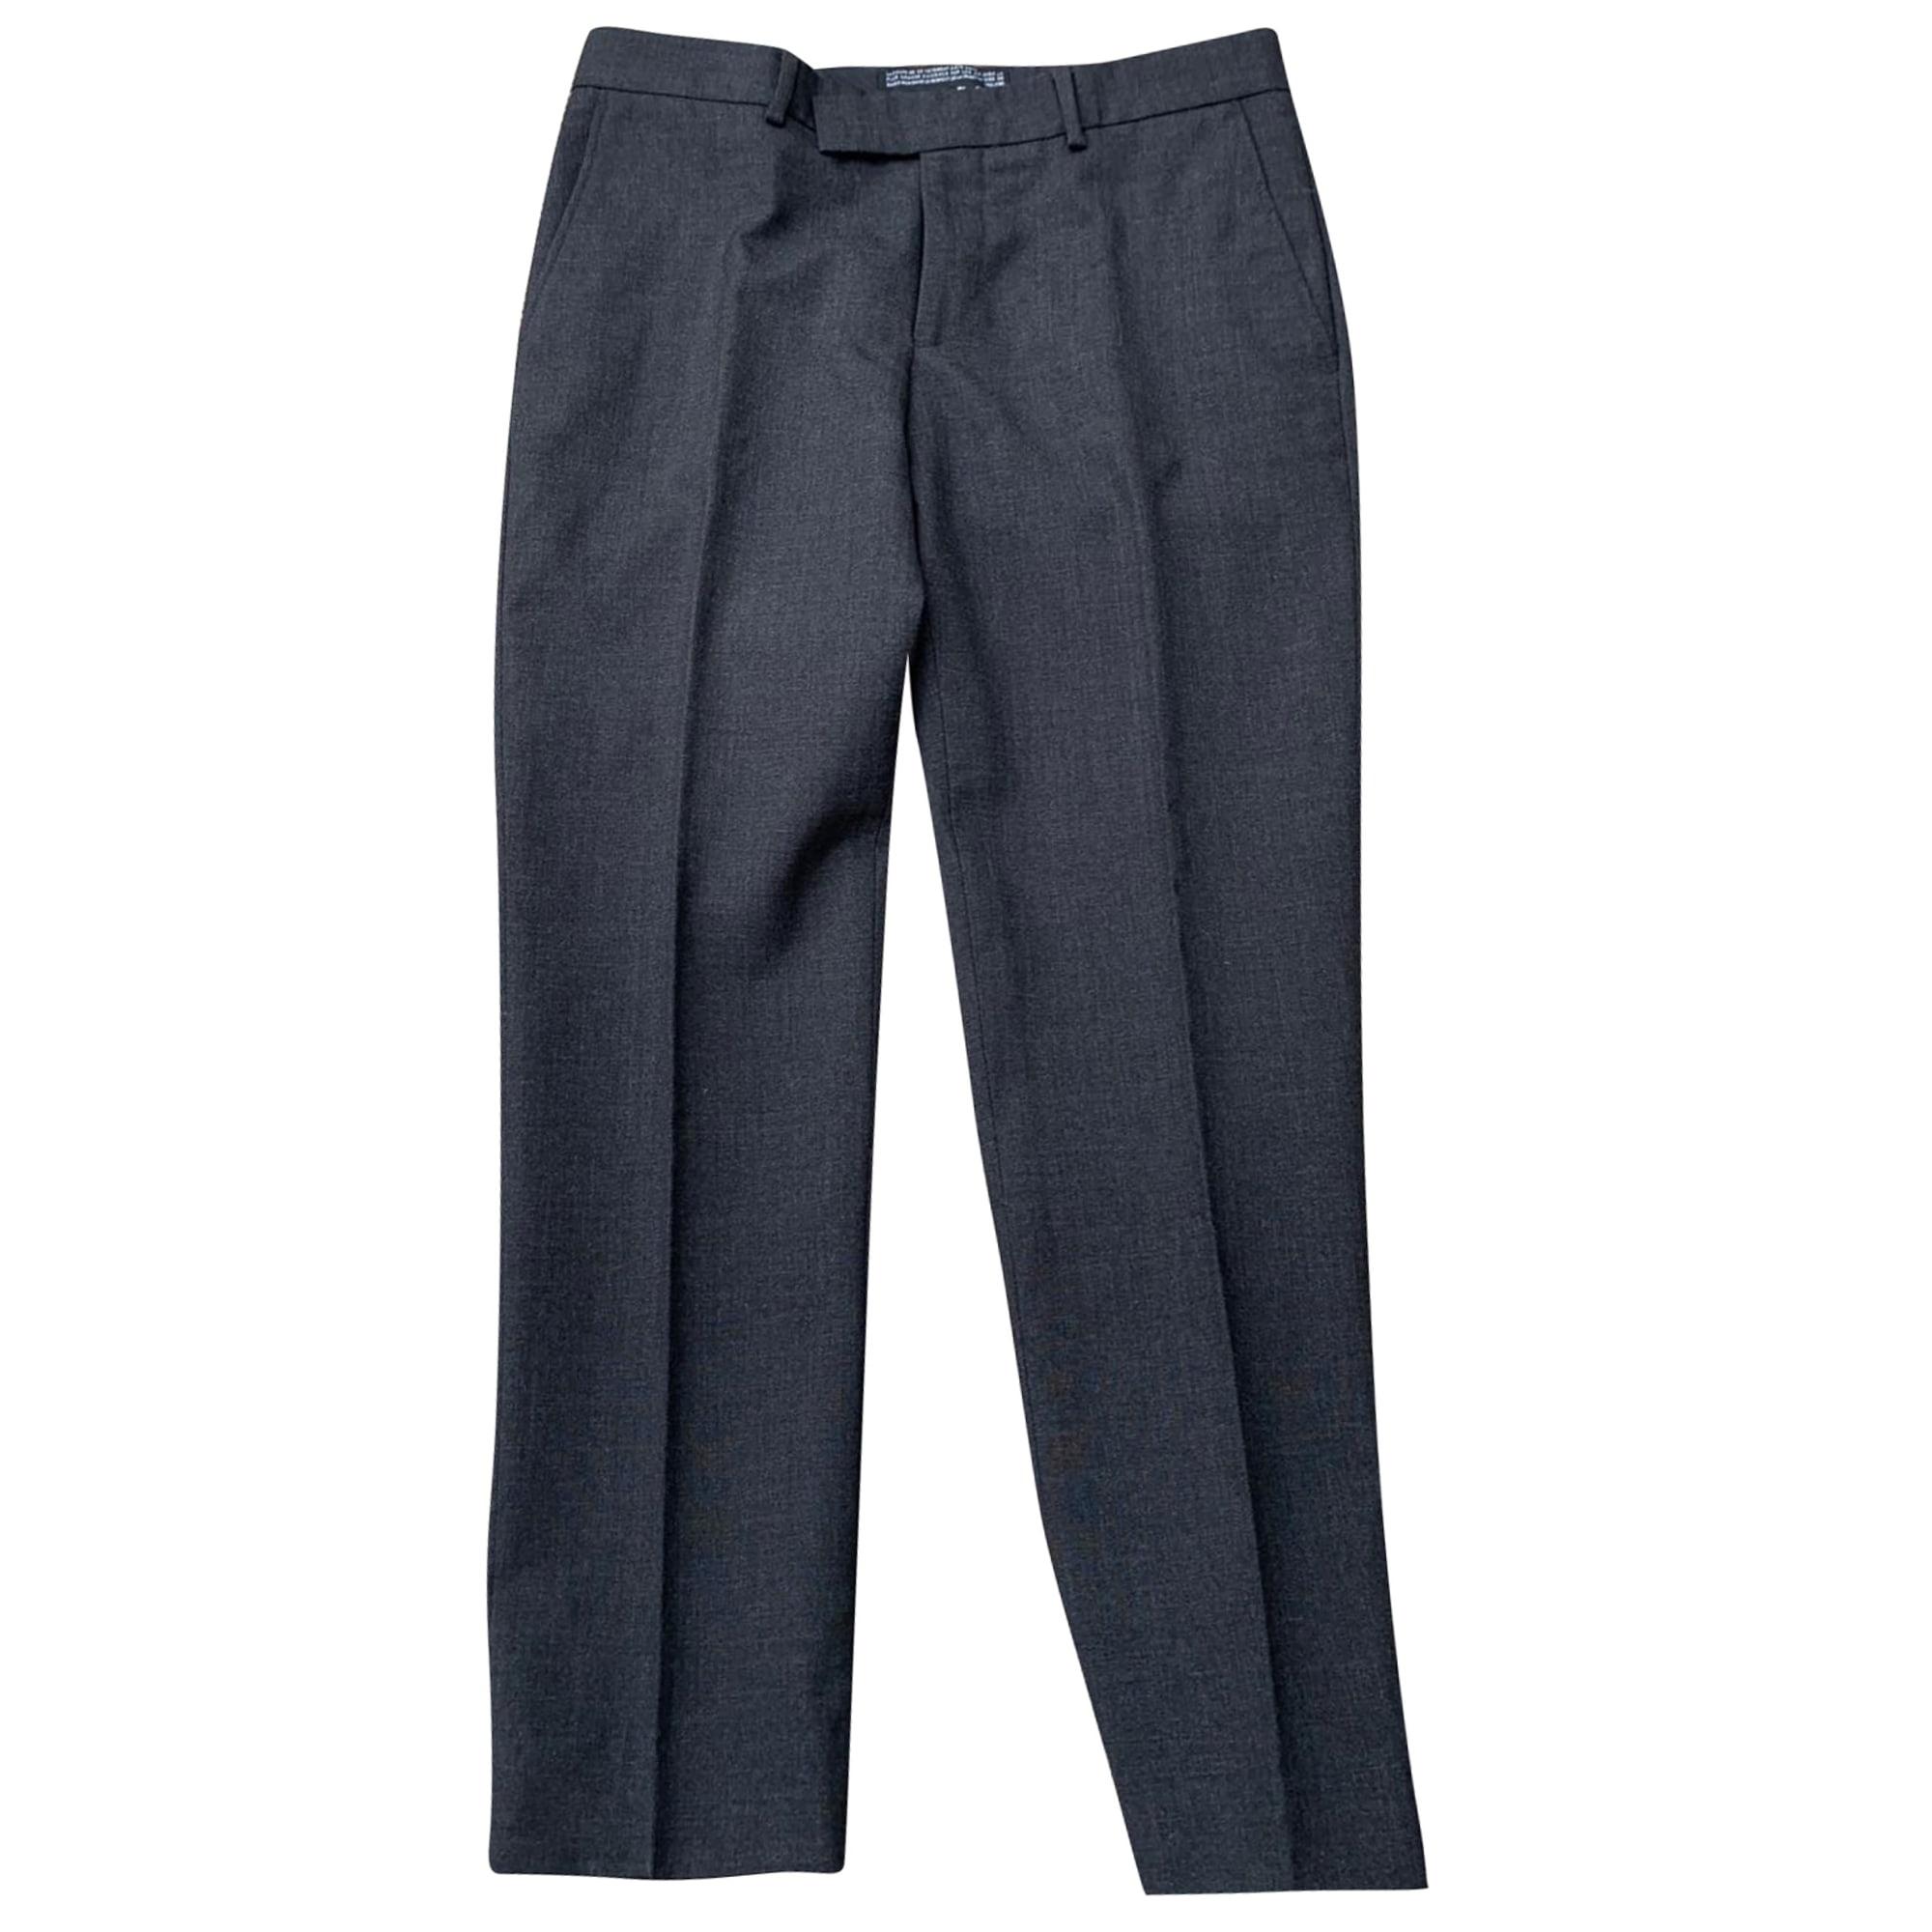 Pantalon droit THE KOOPLES Gris, anthracite